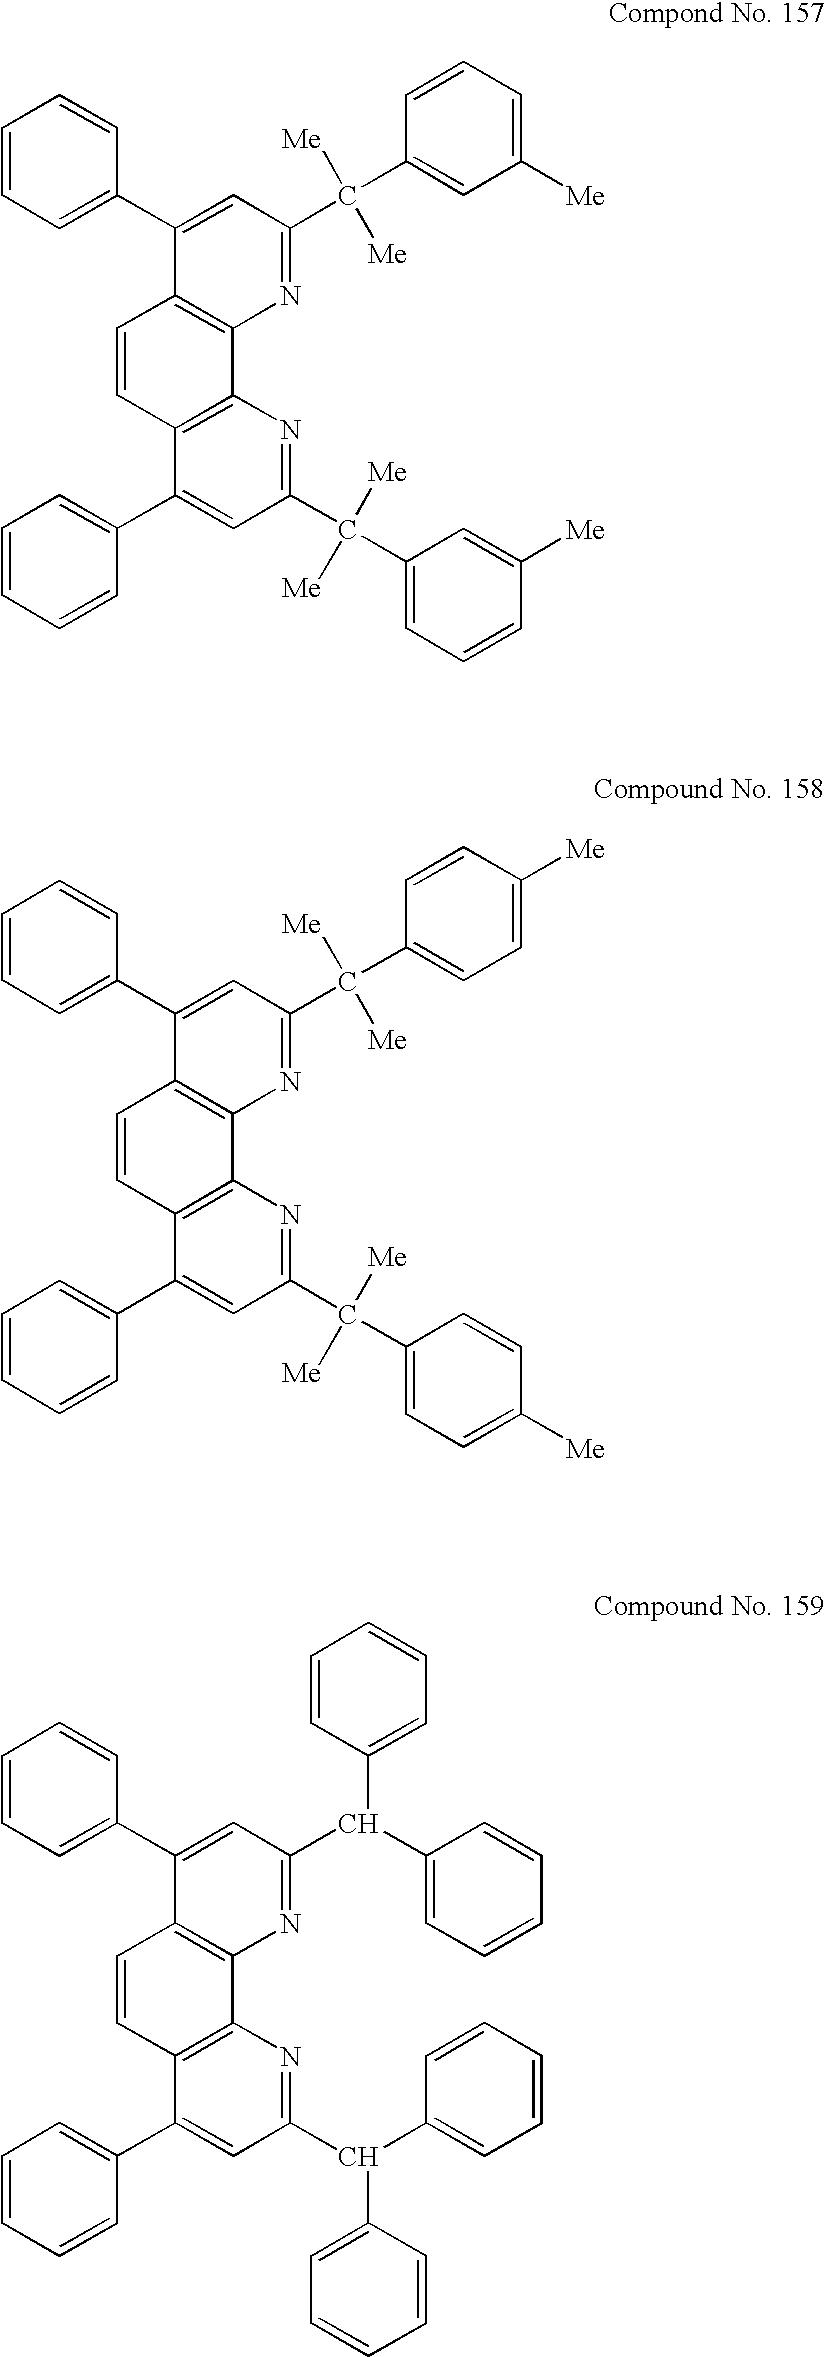 Figure US20050073641A1-20050407-C00051